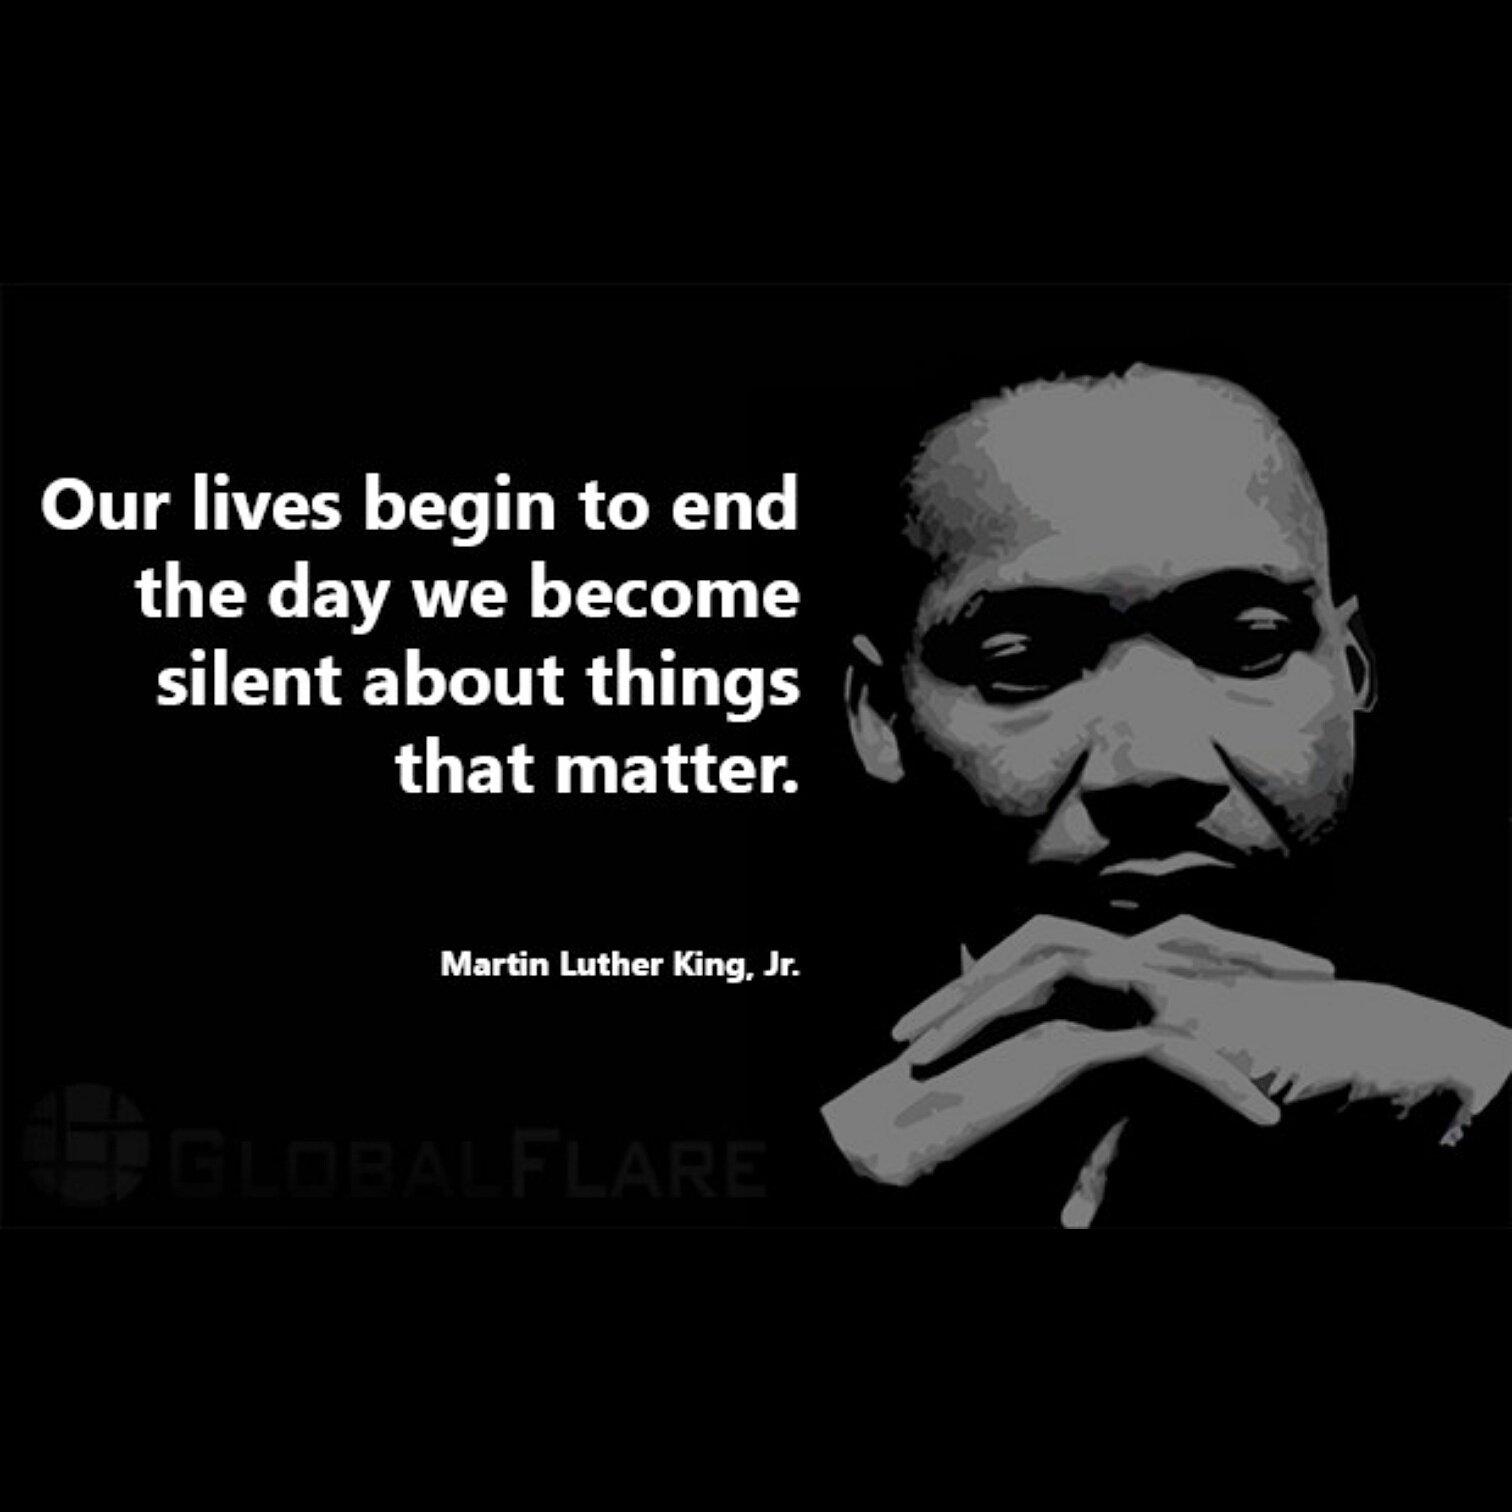 #MLKDAY  #MLK  #MLKday2017  #silence https://t.co/2AhV46E0aB